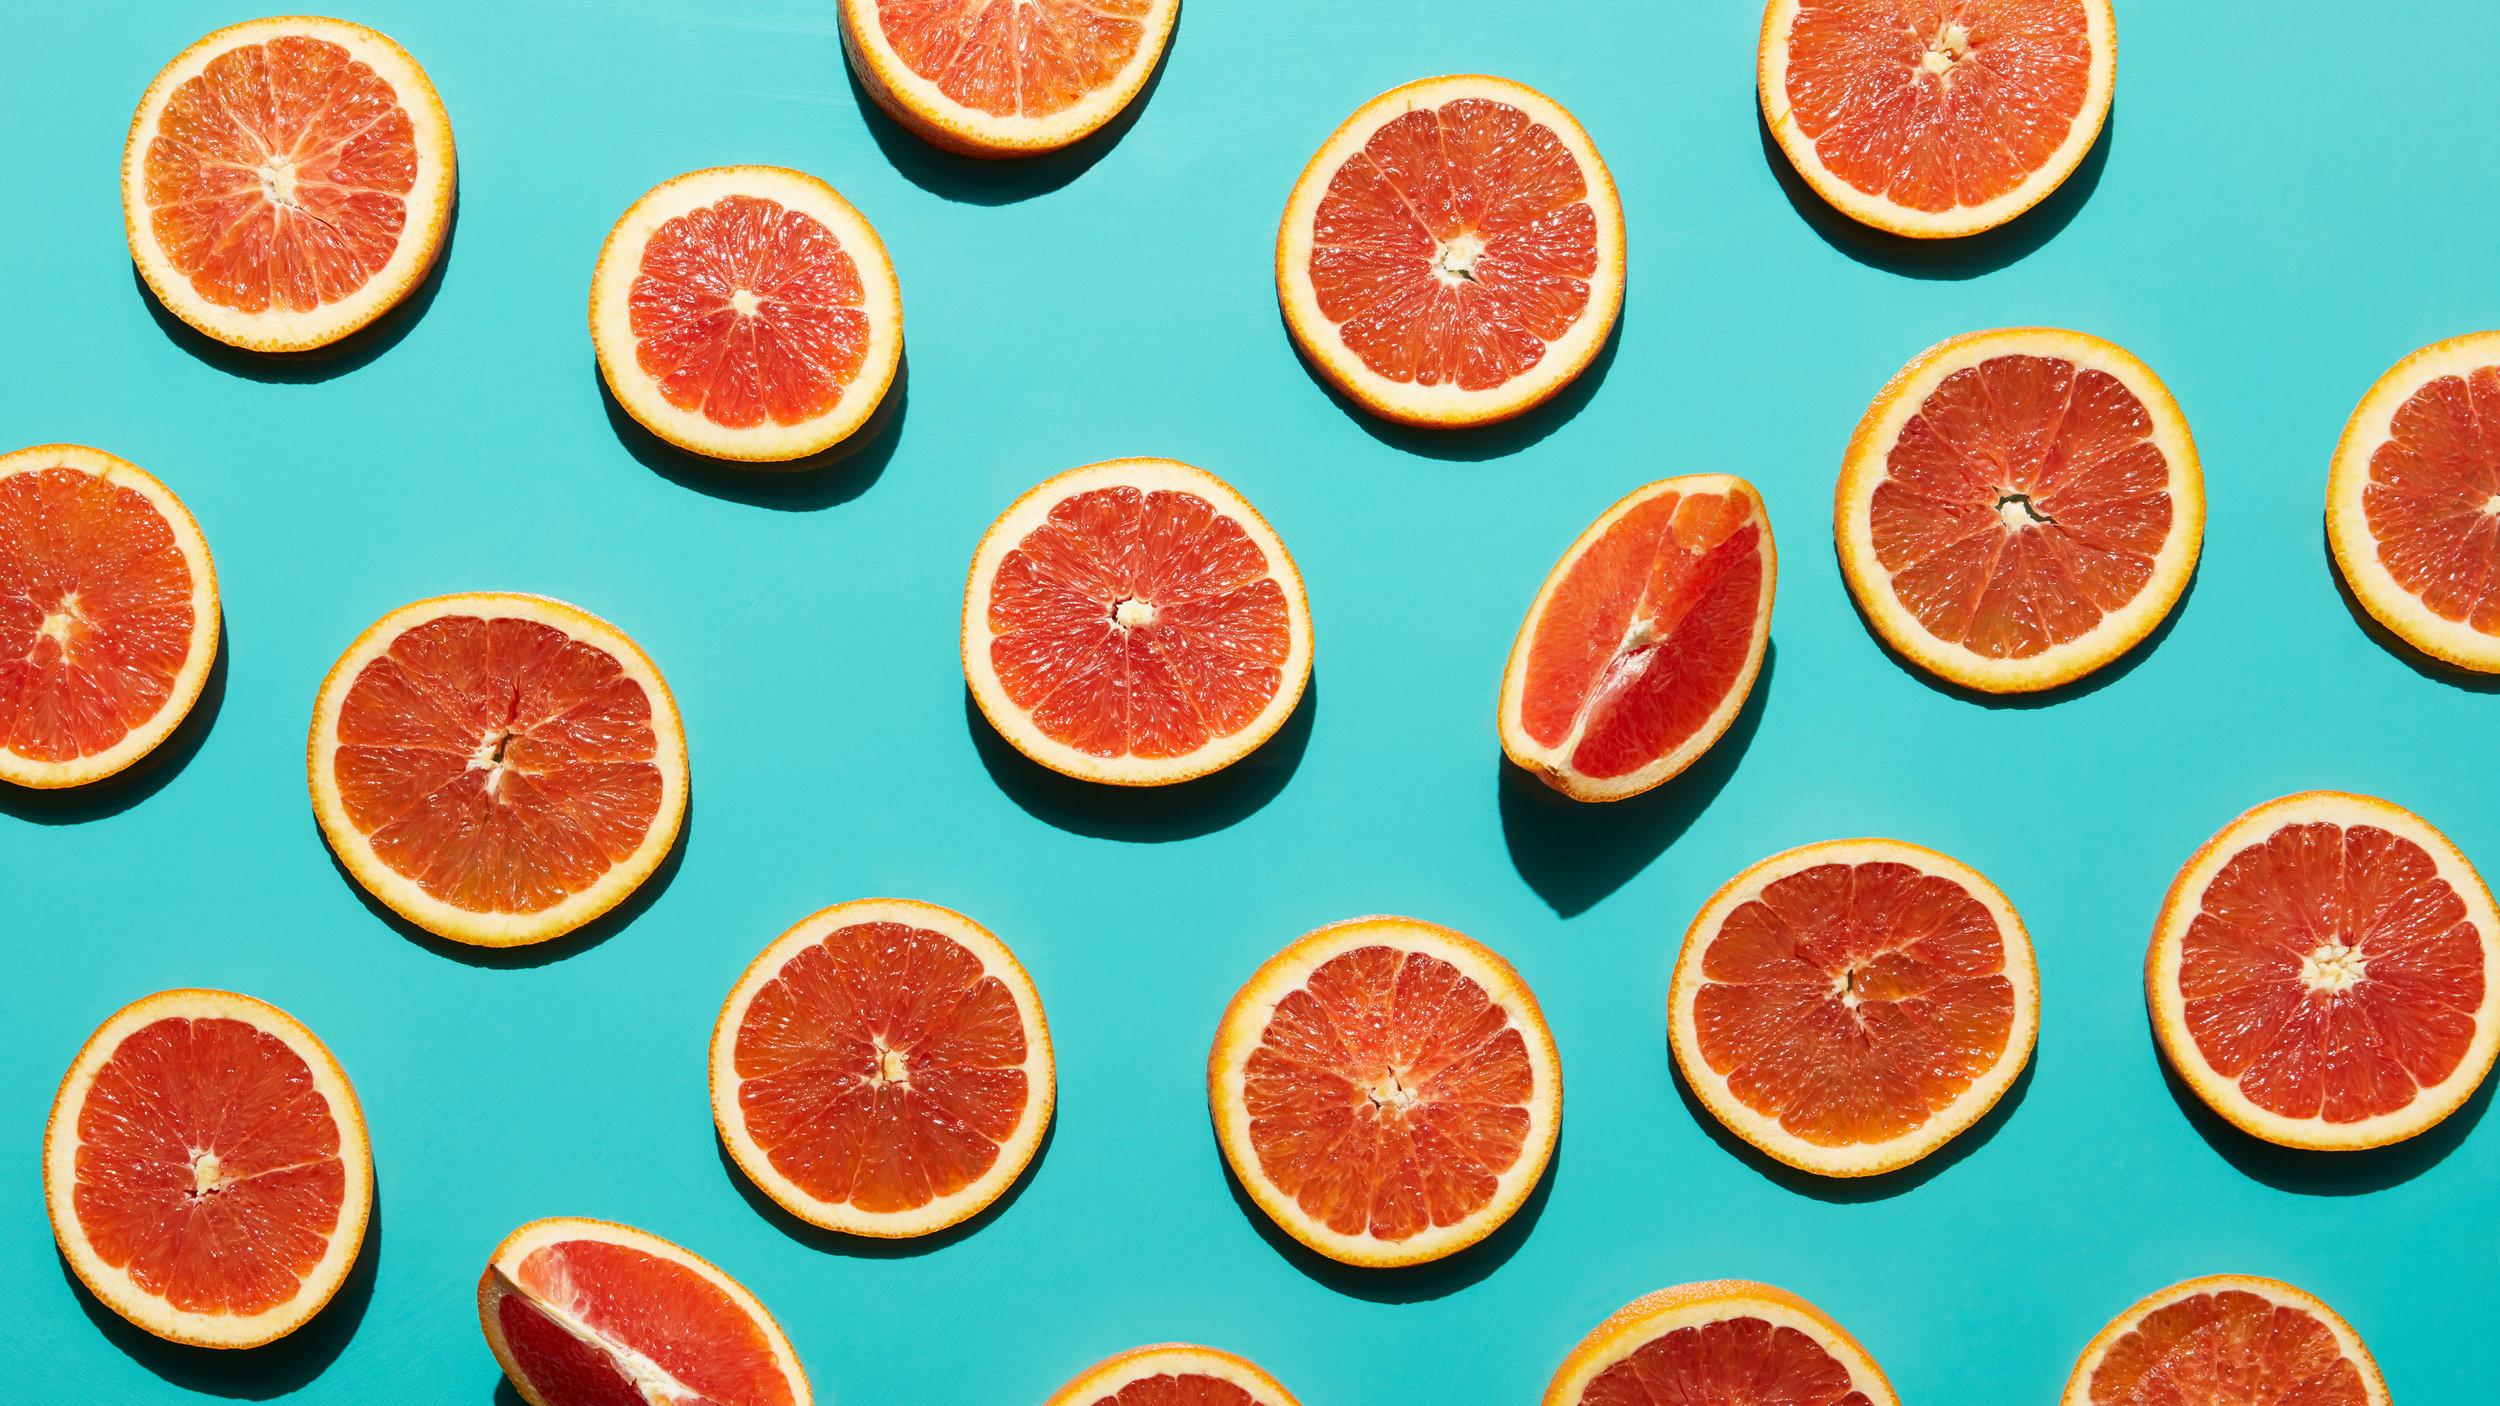 west-elm-grapefruit-desktop-wallpaper.jpg